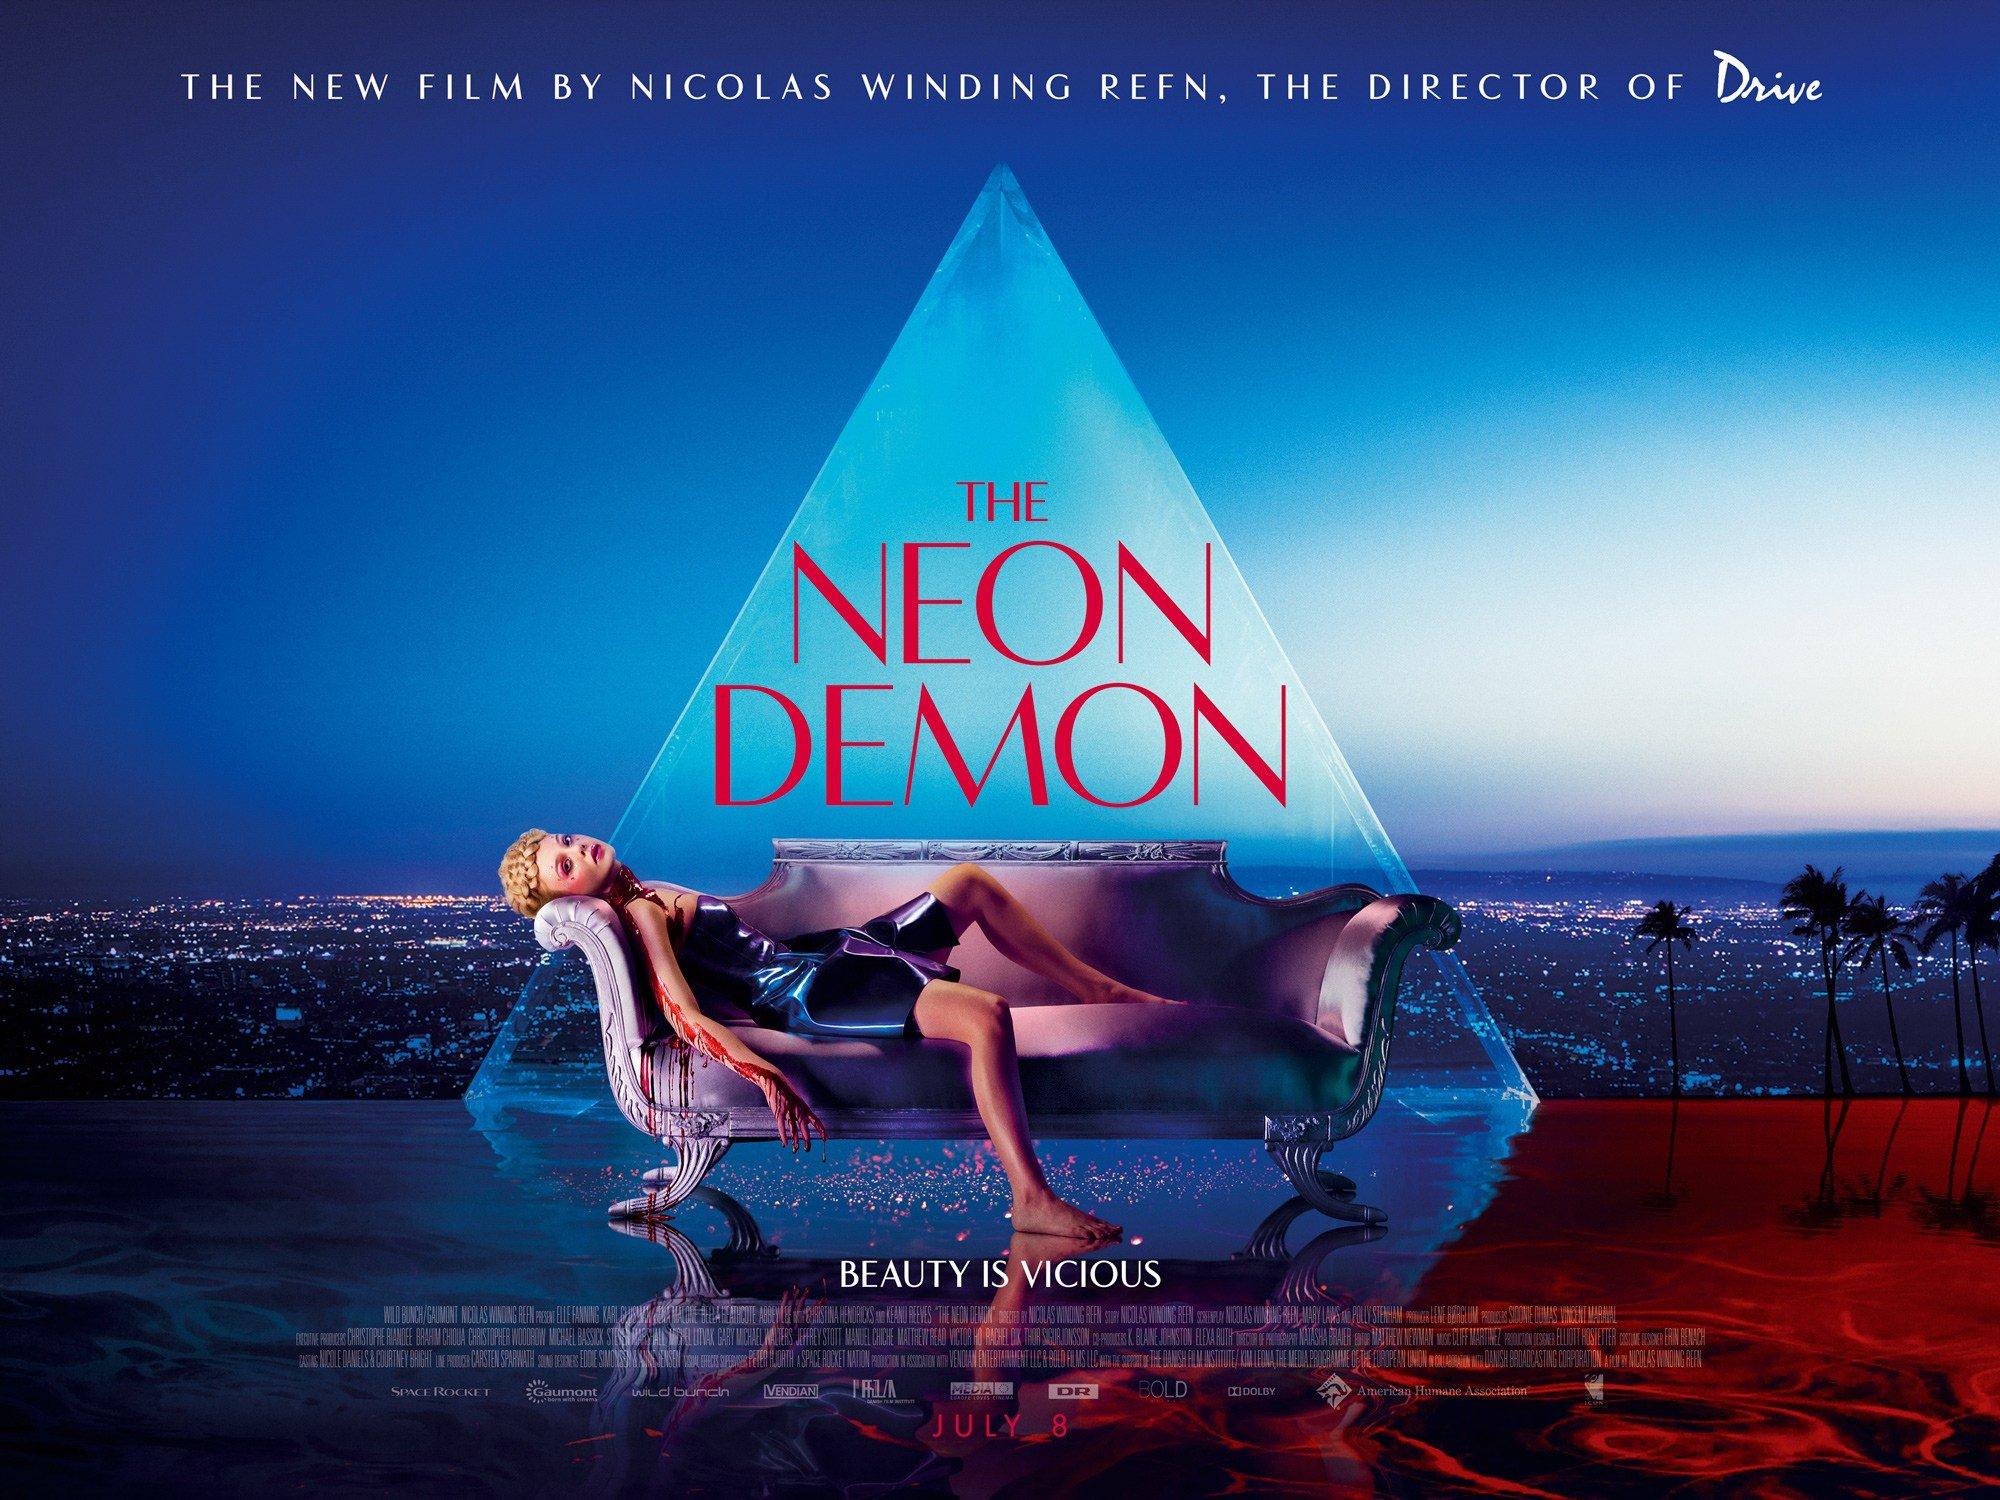 неоновый демон рецензия кино николас виндинг рефн neon demon review отвратительные мужики disgusting men